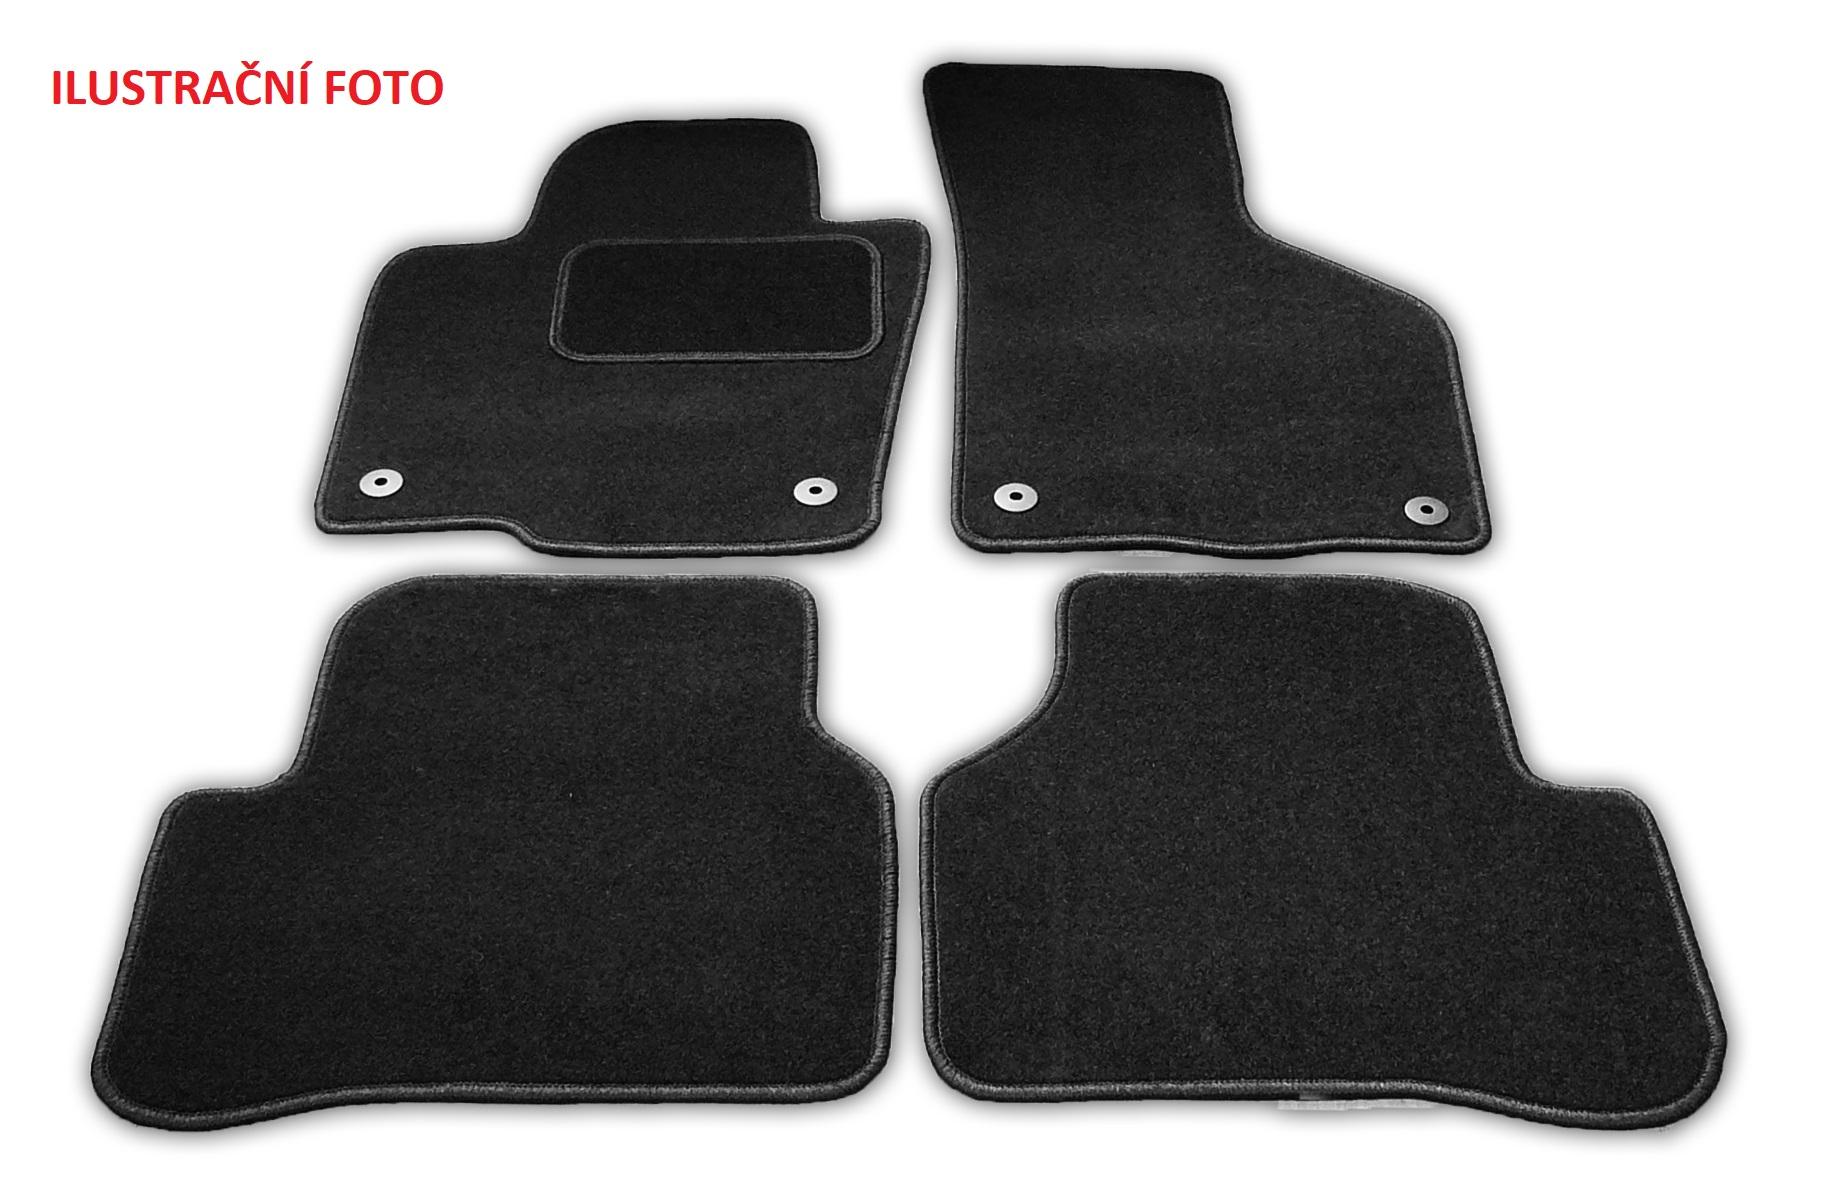 Automega Textilní autokoberce Standard Hyundai Sonata 2005-2011